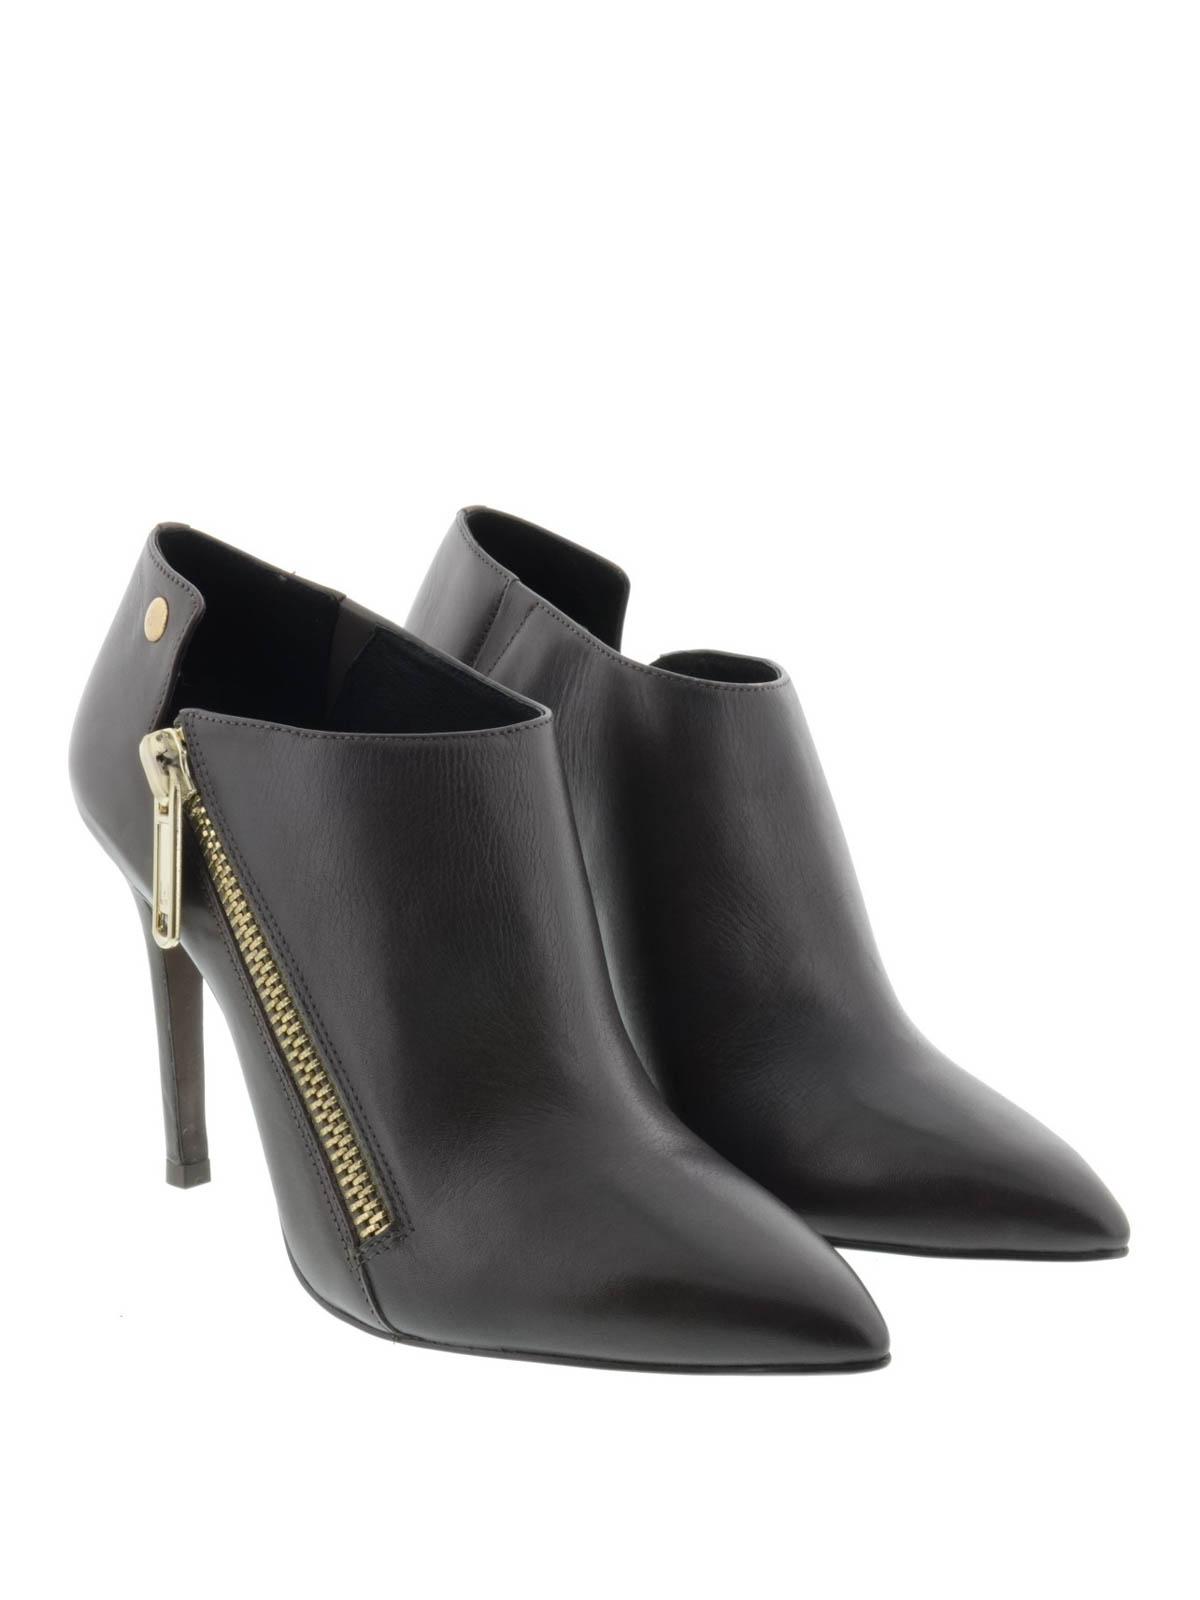 Liu Jo Ankle Boots Cheap Sale Release Dates HJNkZJlzn